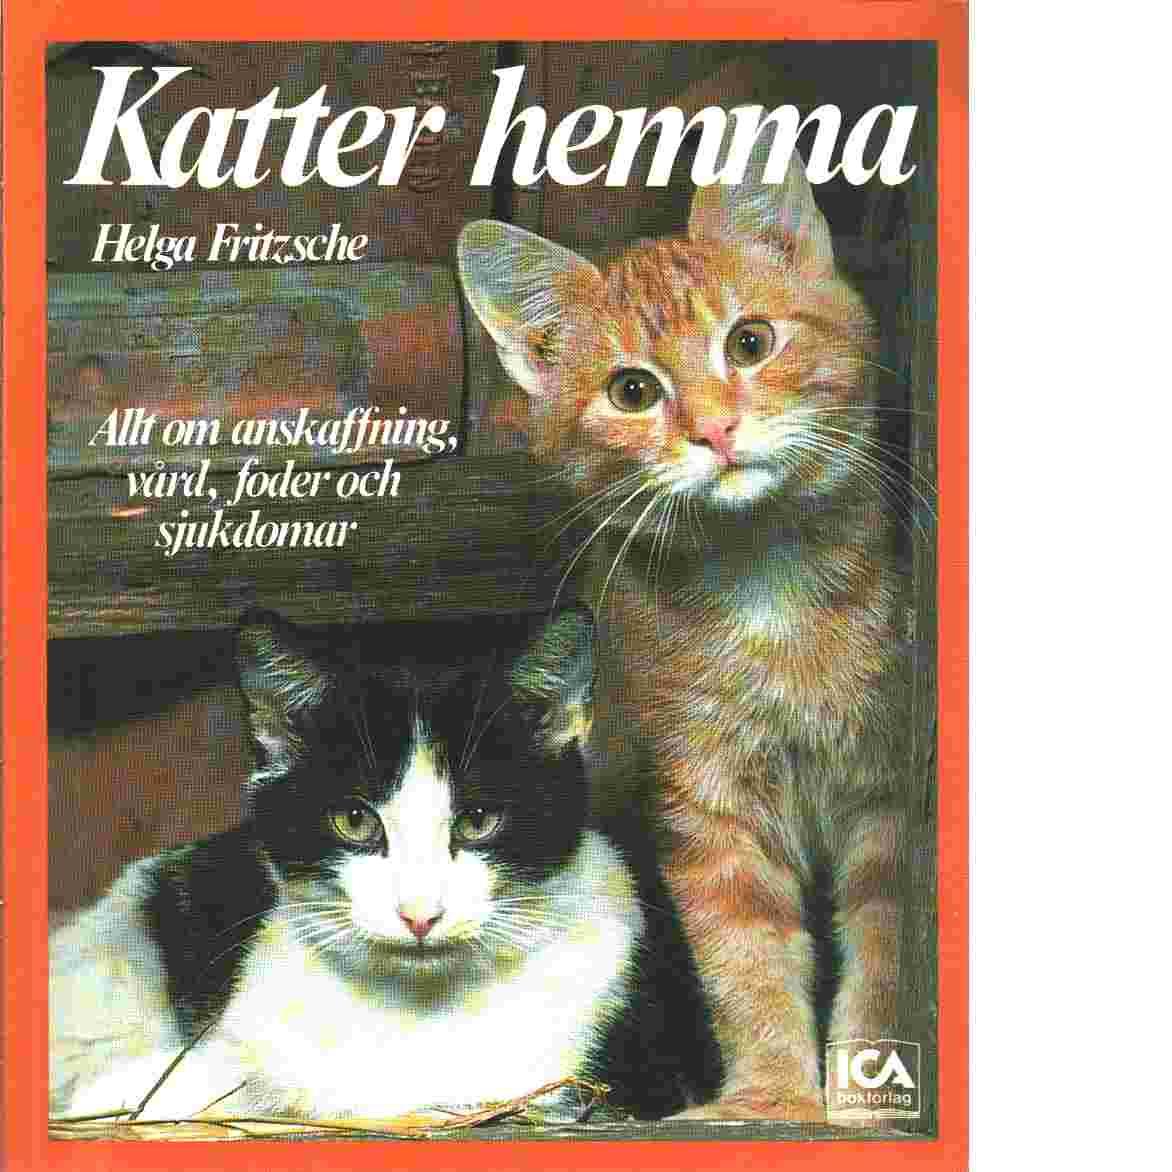 Katter hemma - Fritzsche, Helga